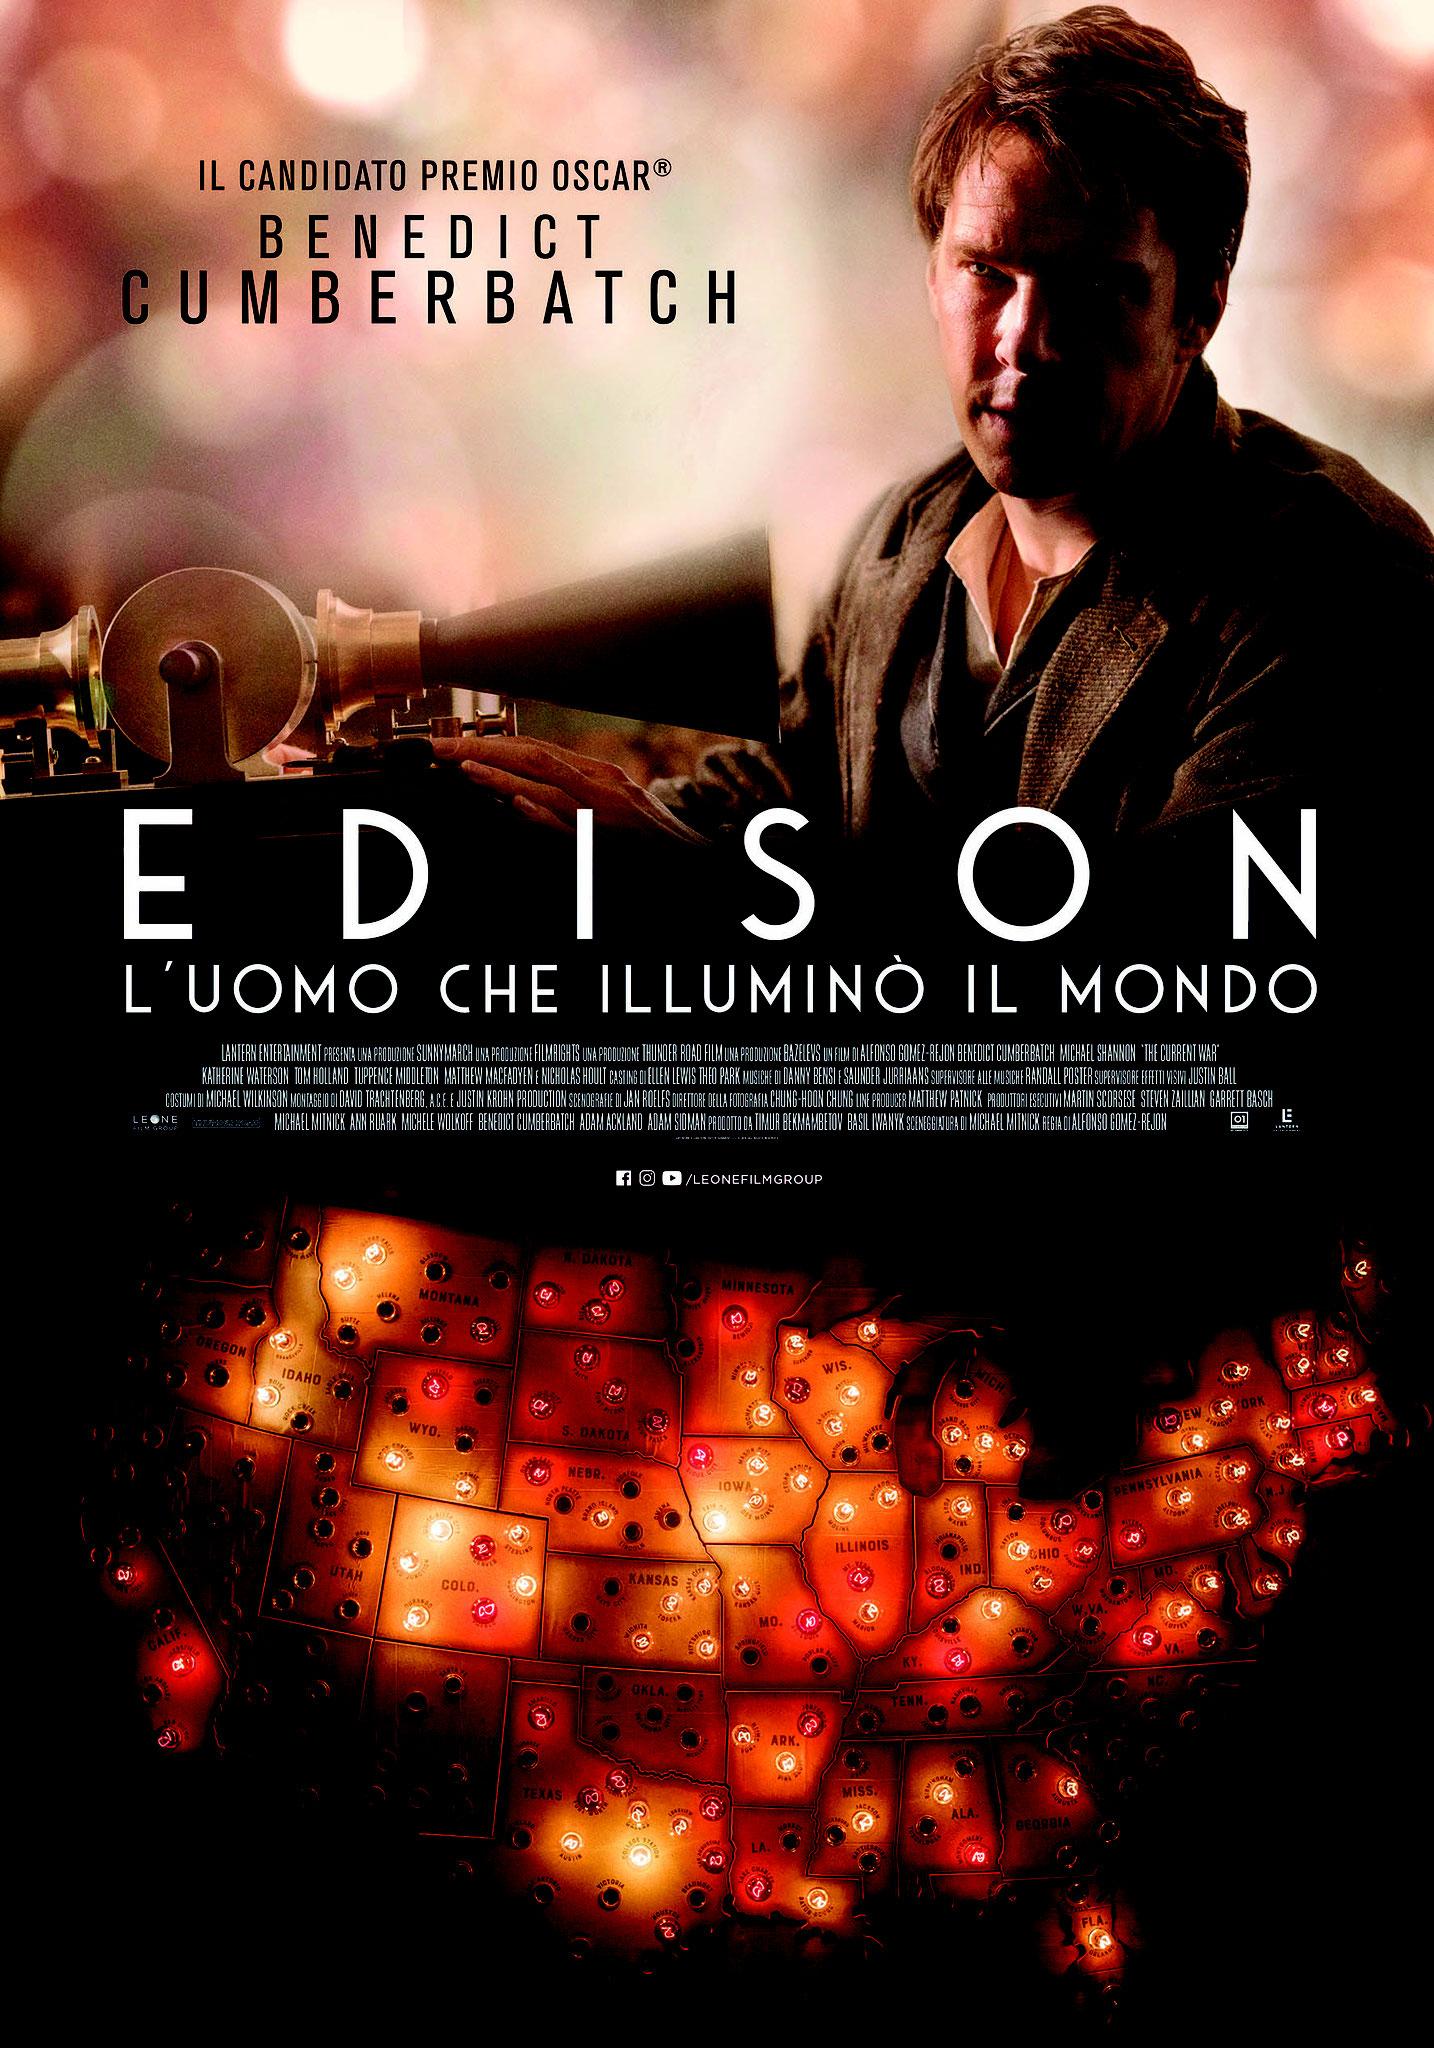 EDISON – L'UOMO CHE ILLUMINÒ IL MONDO venerdì 16, sabato 17, domenica 18, lunedì 19, martedì 20, mercoledì 21: ore 21:15 #EDISON – L'uomo Che Illuminò Il Mondo